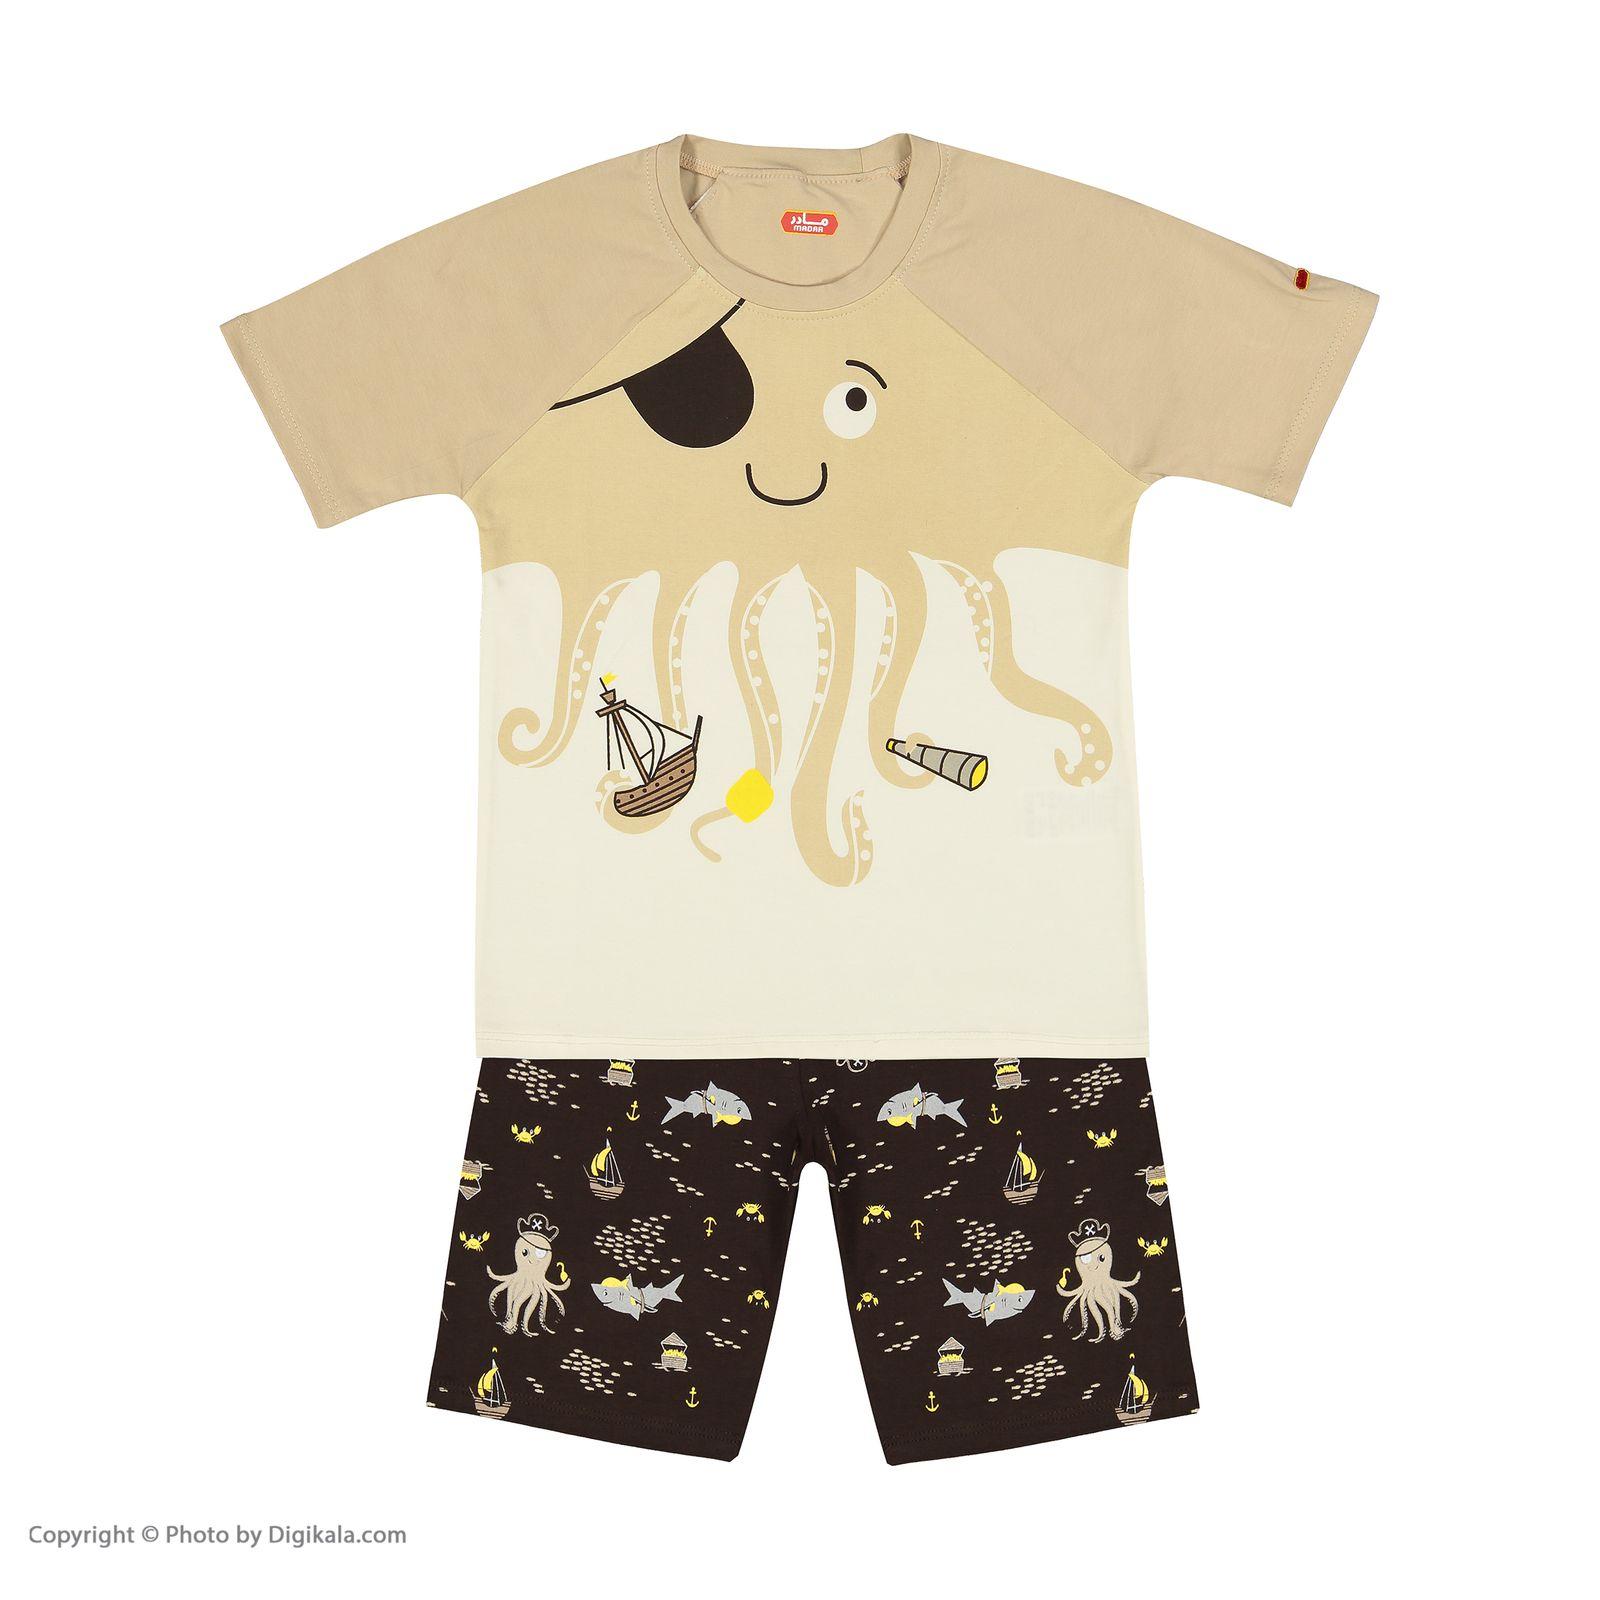 ست تی شرت و شلوارک راحتی پسرانه مادر مدل 2041107-07 main 1 1